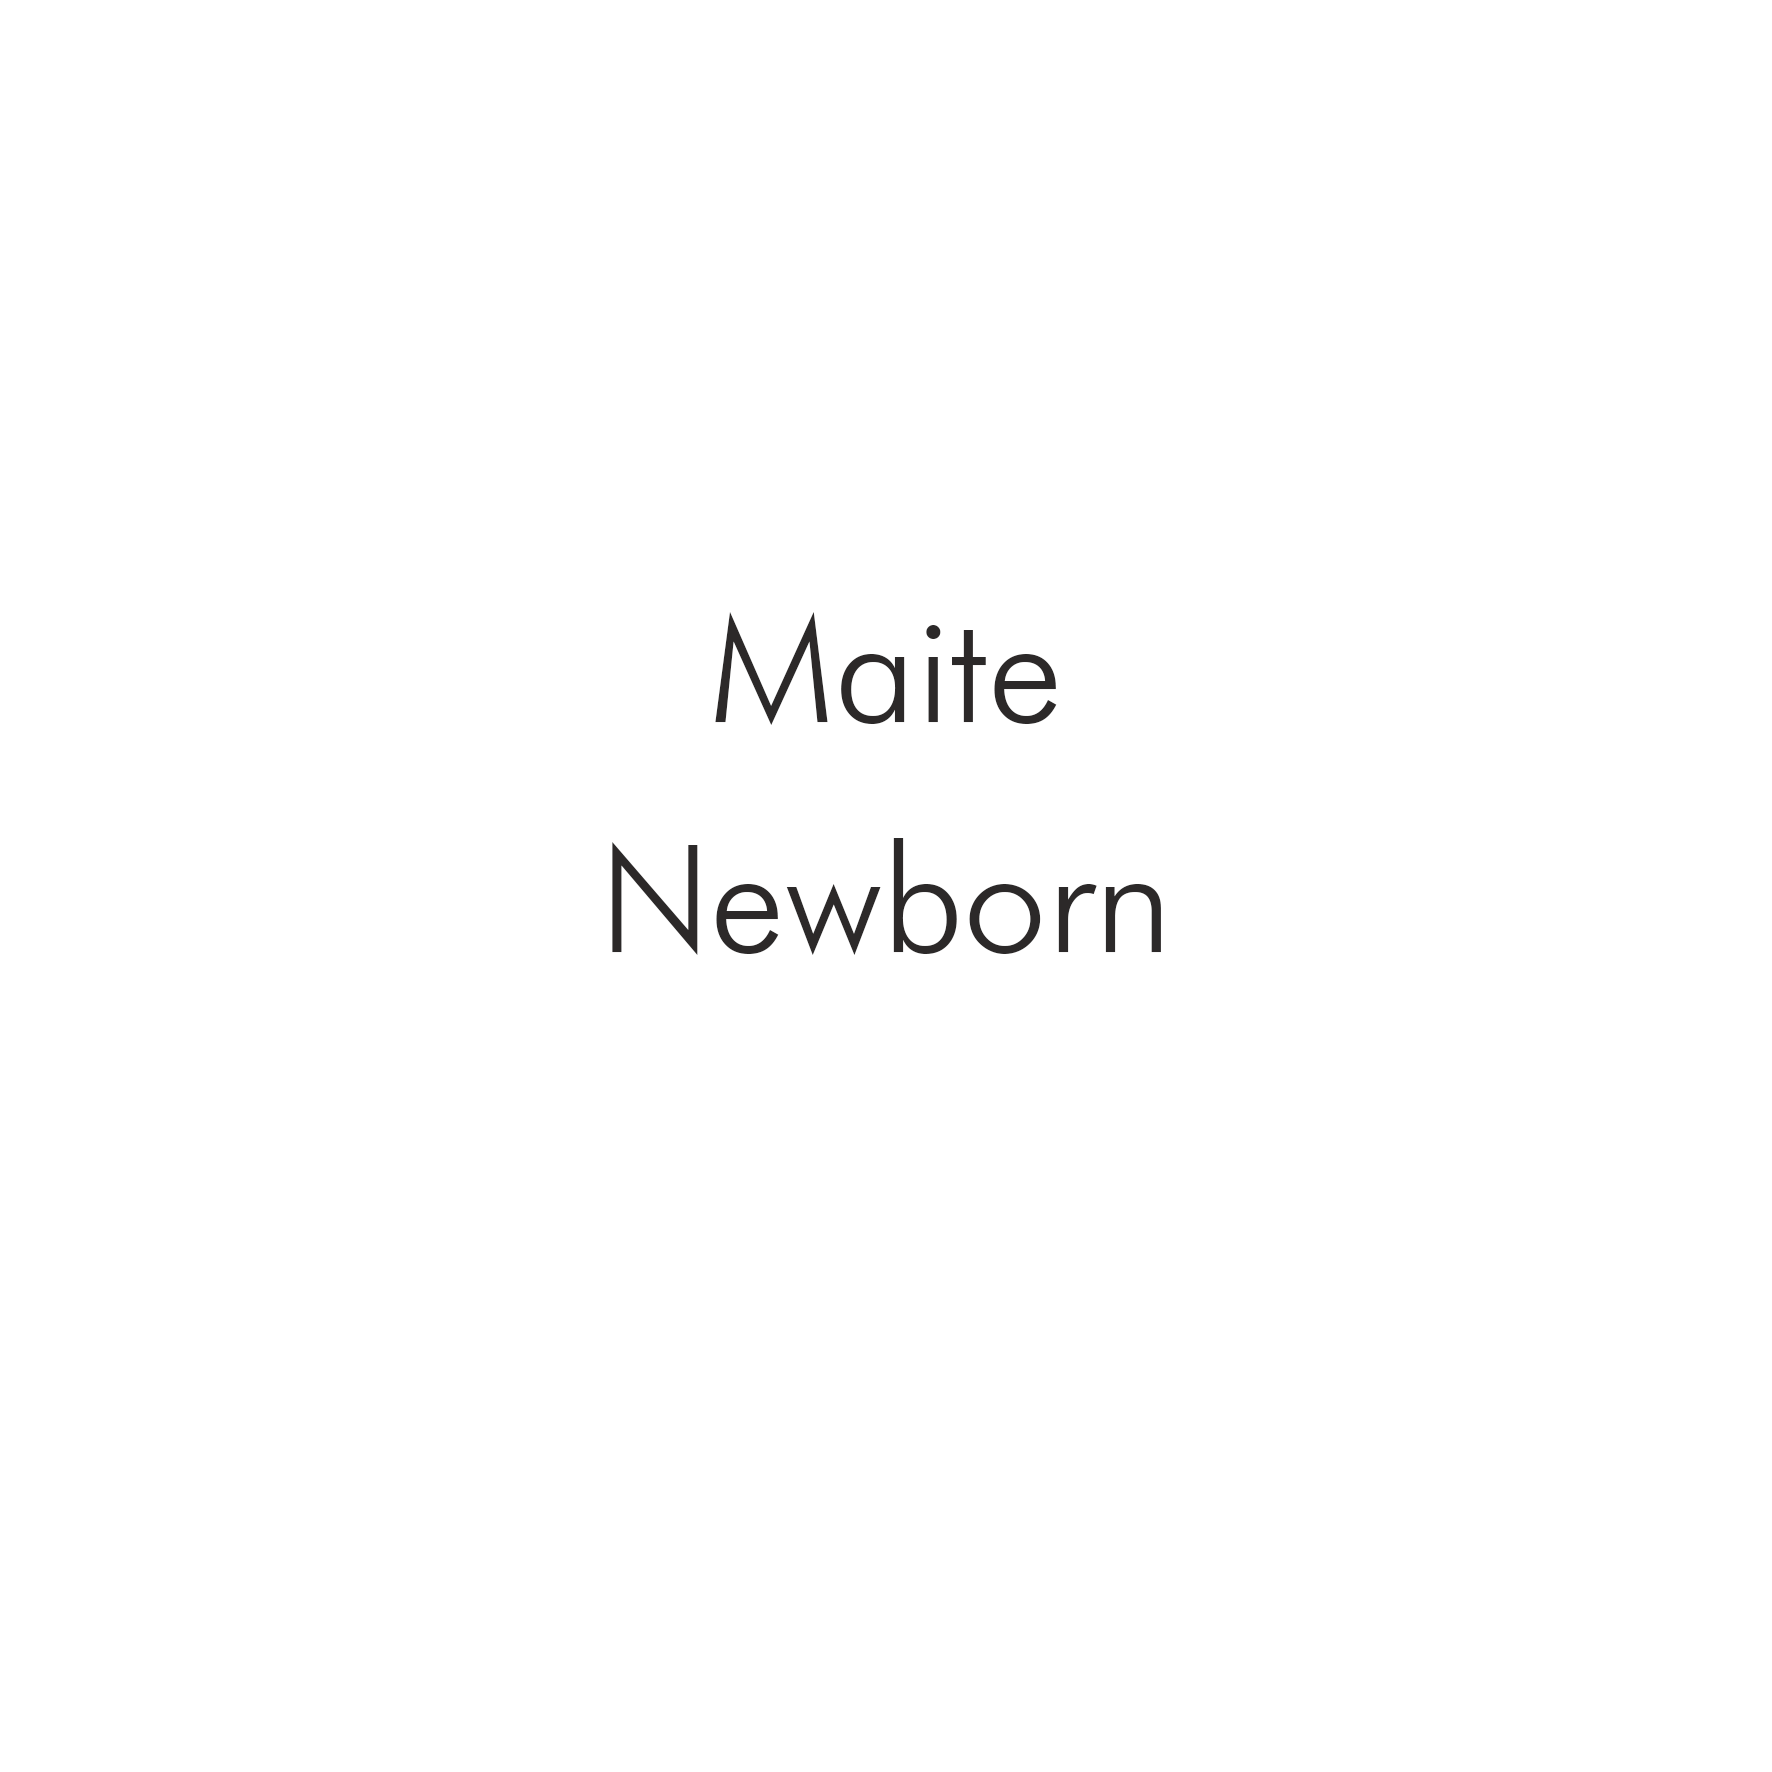 Maite Newborn.png